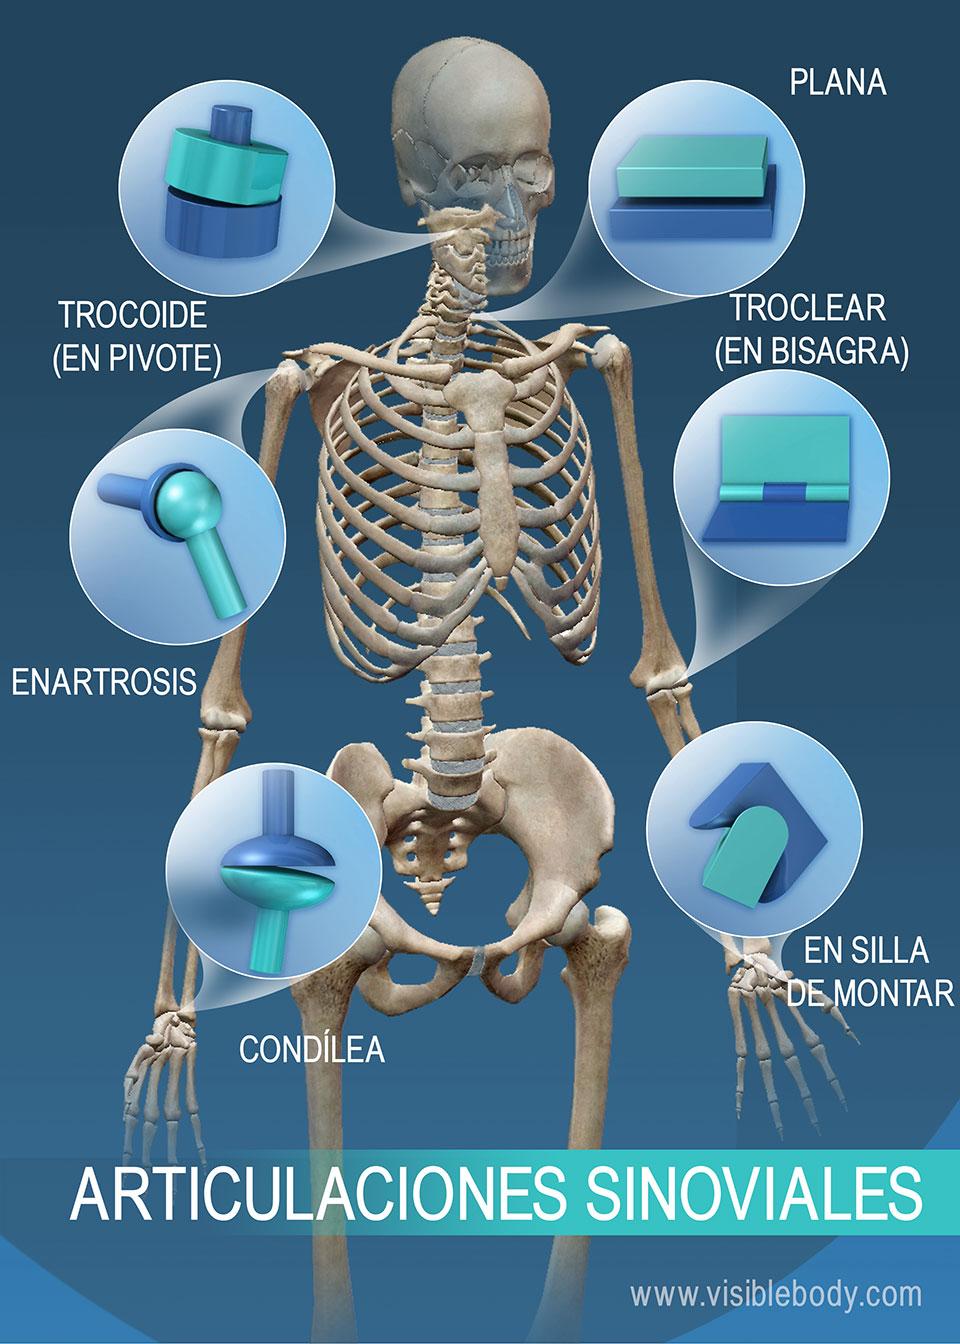 Rango de movimiento en las articulaciones sinoviales: trocoide (en pivote), enartrosis, condílea, en silla de montar, troclear (en bisagra) y plana